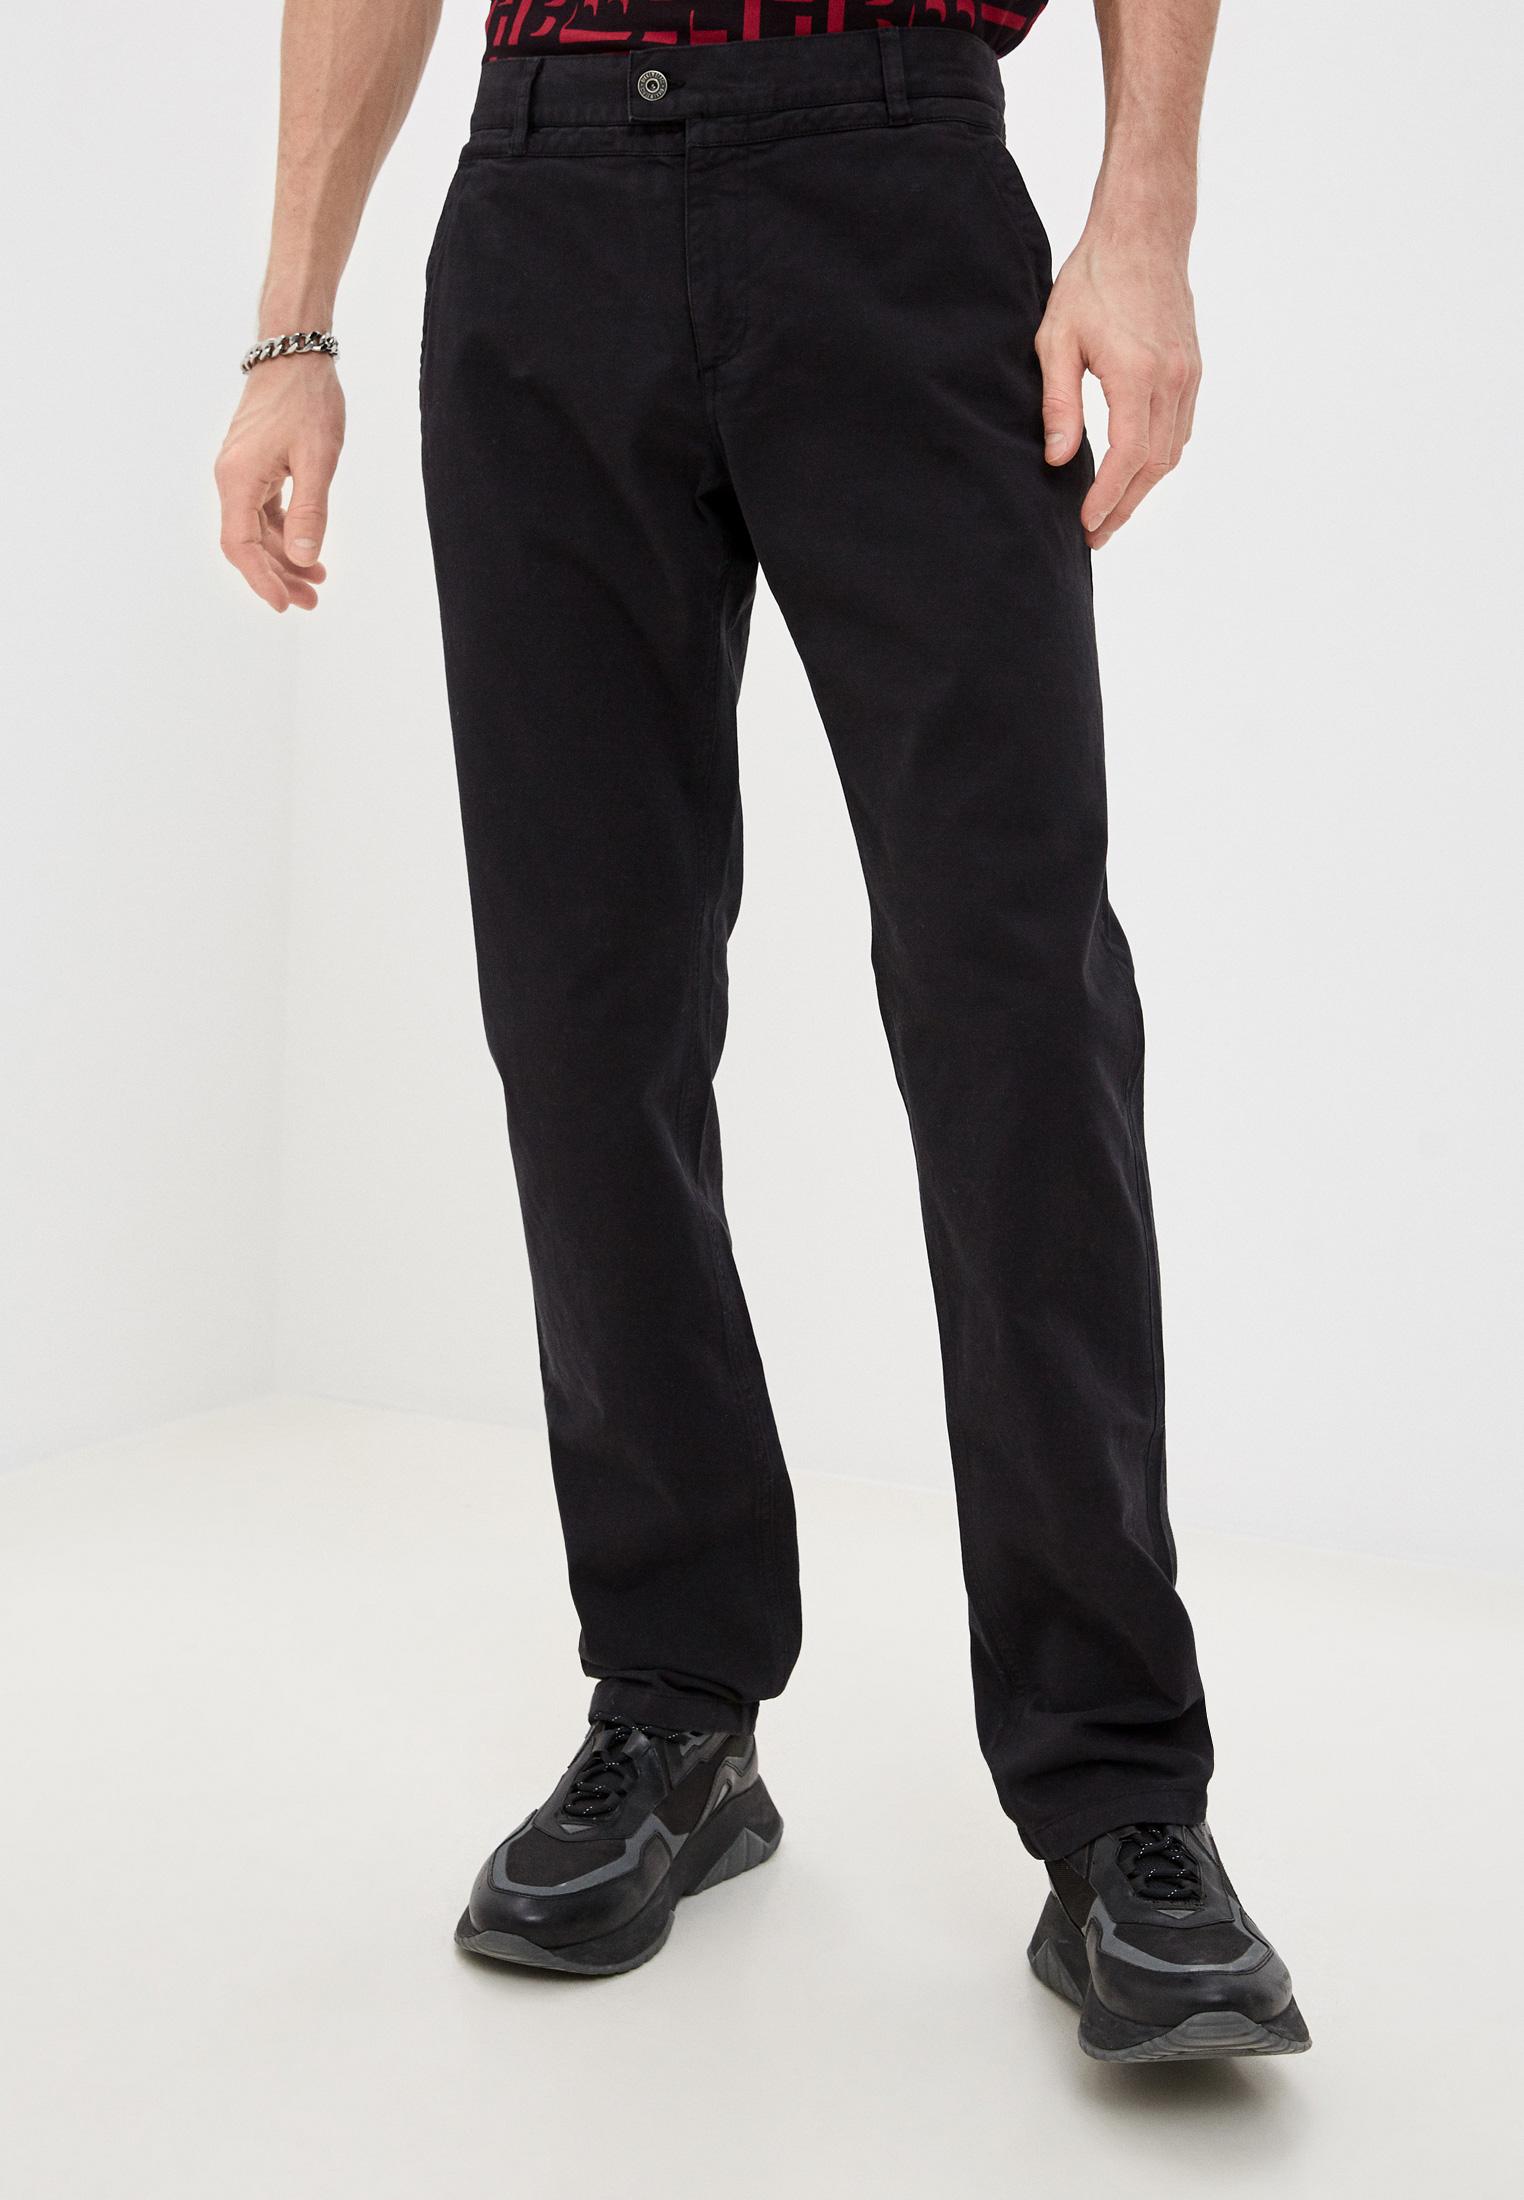 Мужские брюки Bikkembergs (Биккембергс) C P 112 00 S 3279